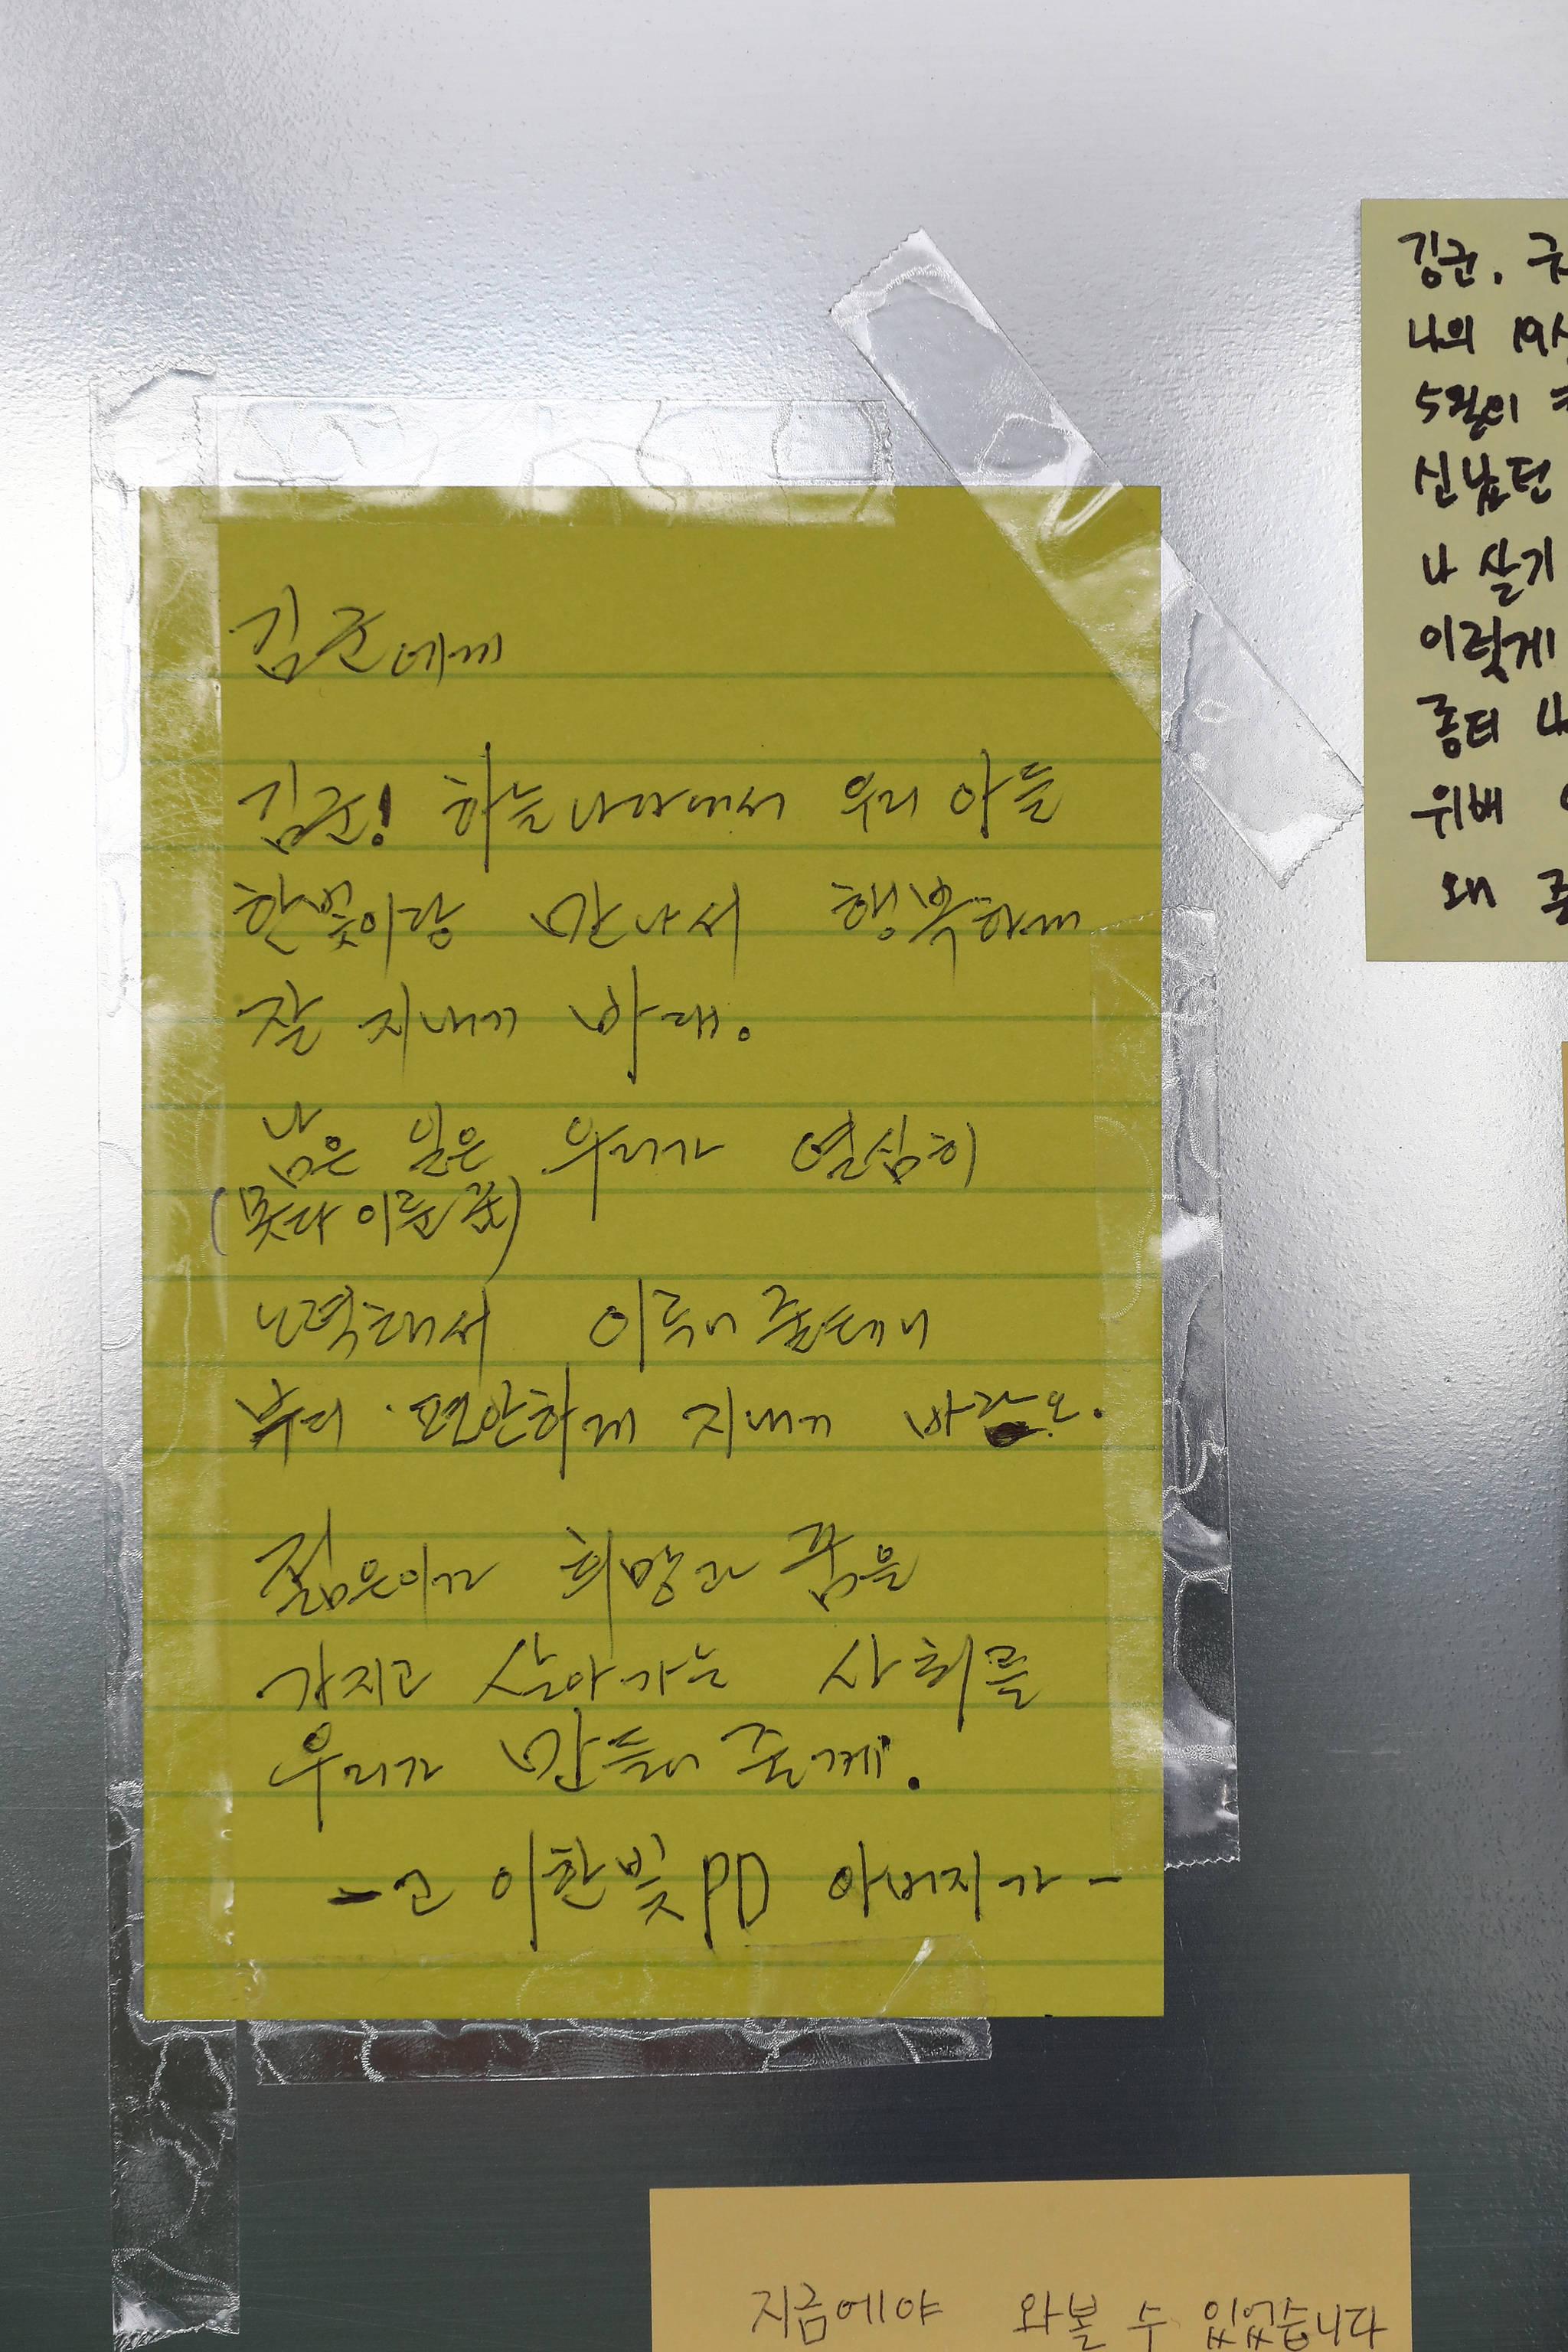 지난해 10월 스스로 목숨을끊은 tvN '혼술남녀' 조연출 고(故) 이한빛 PD의 아버지가 메세지를 남겼다.